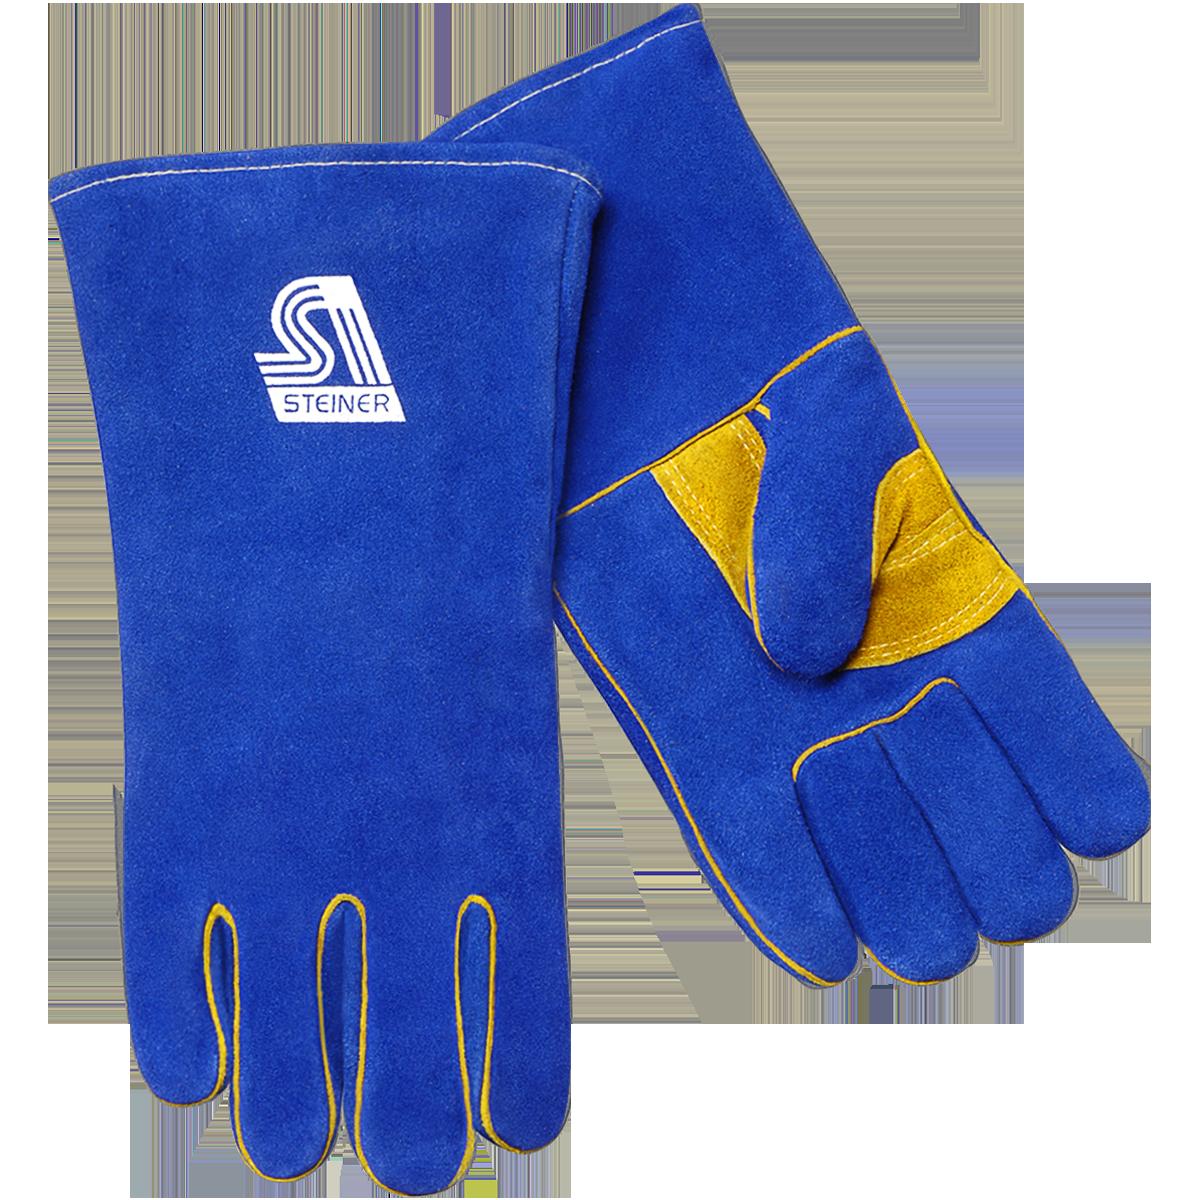 Glove clipart welding glove. Stick steiner industries thermocore